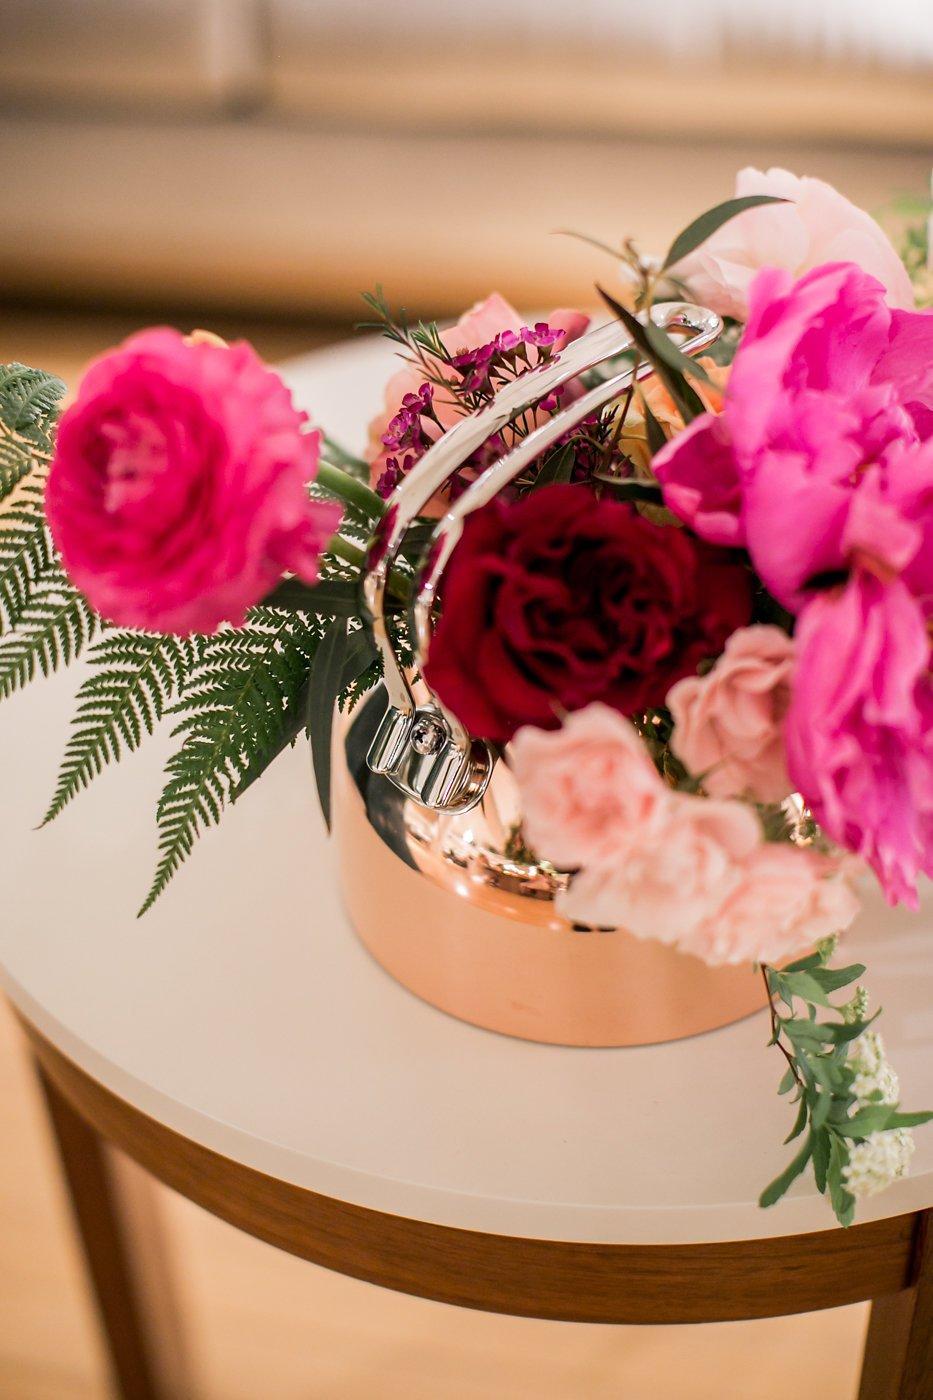 Flowers in a copper kettle